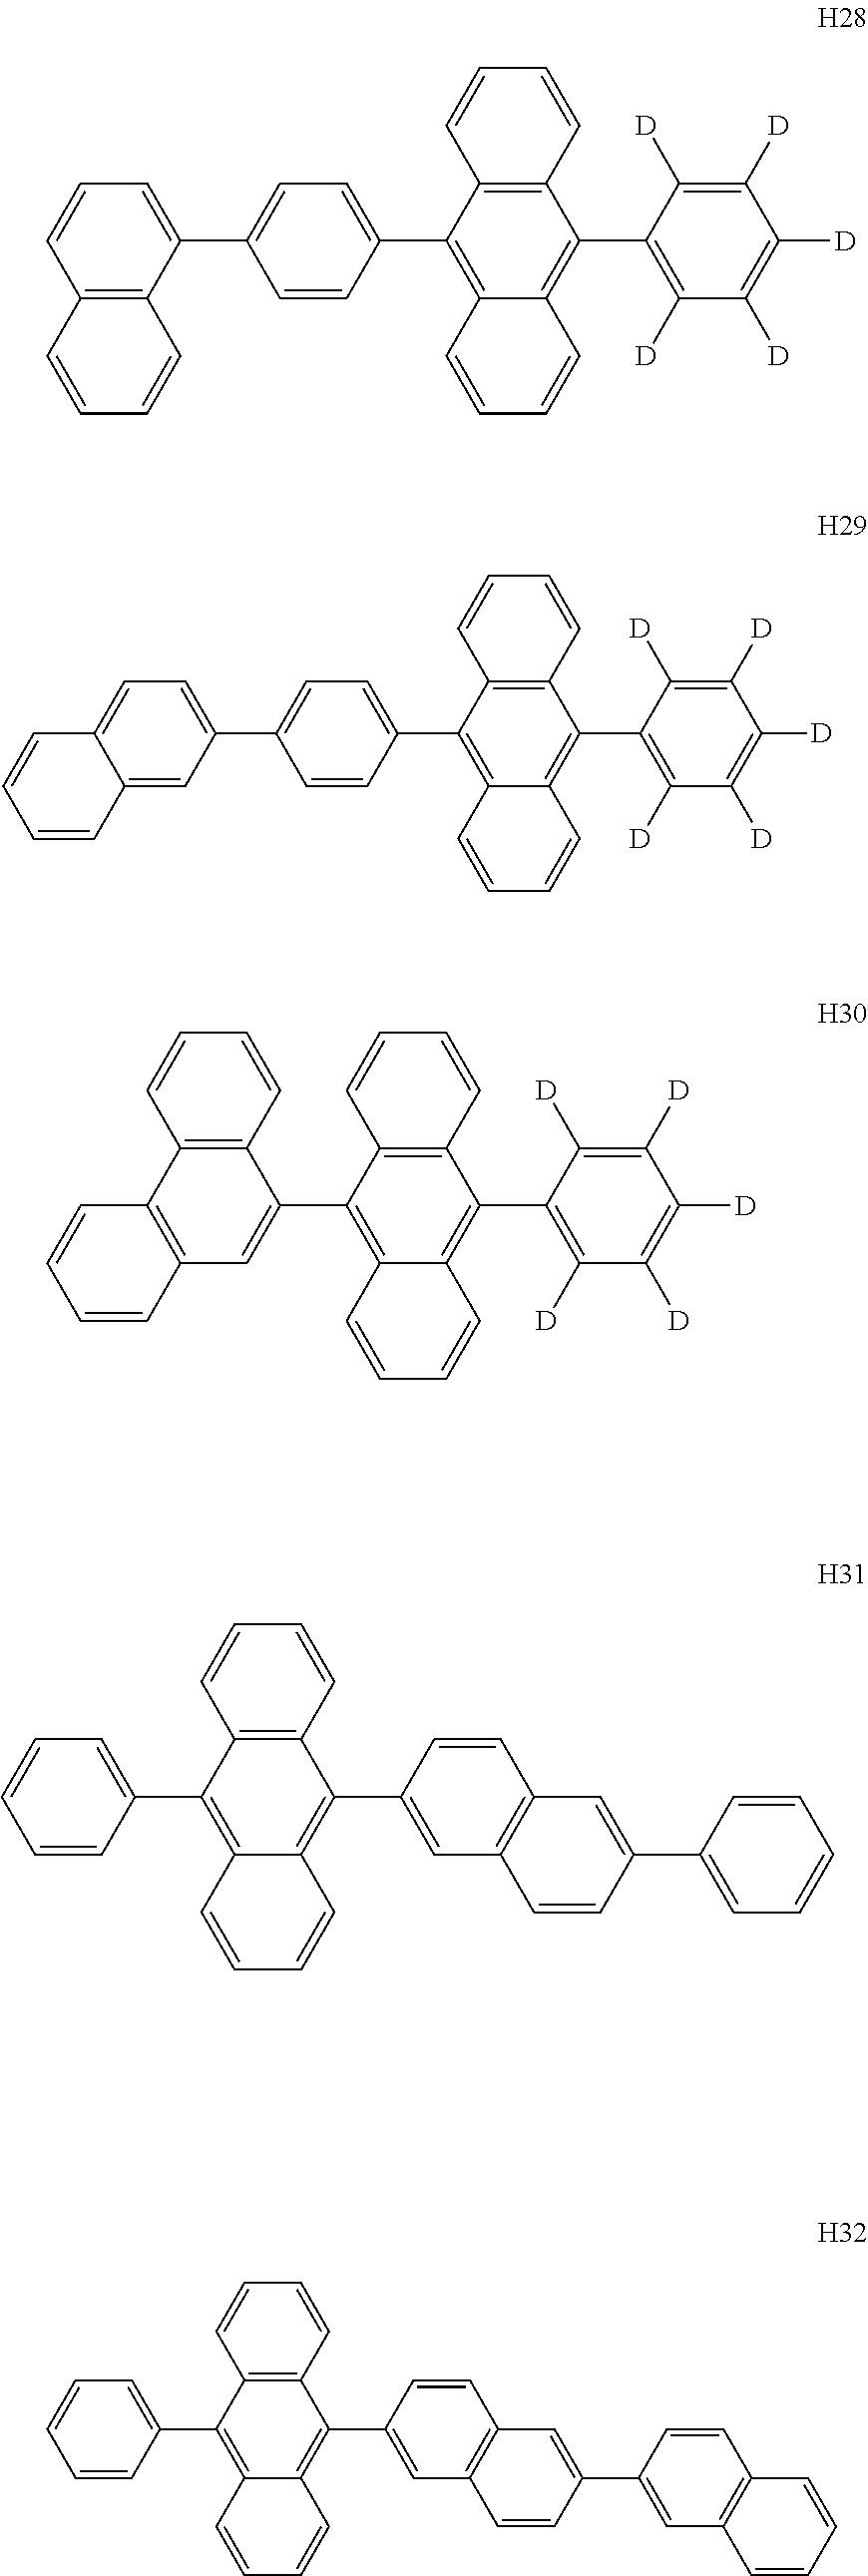 Figure US20160155962A1-20160602-C00237